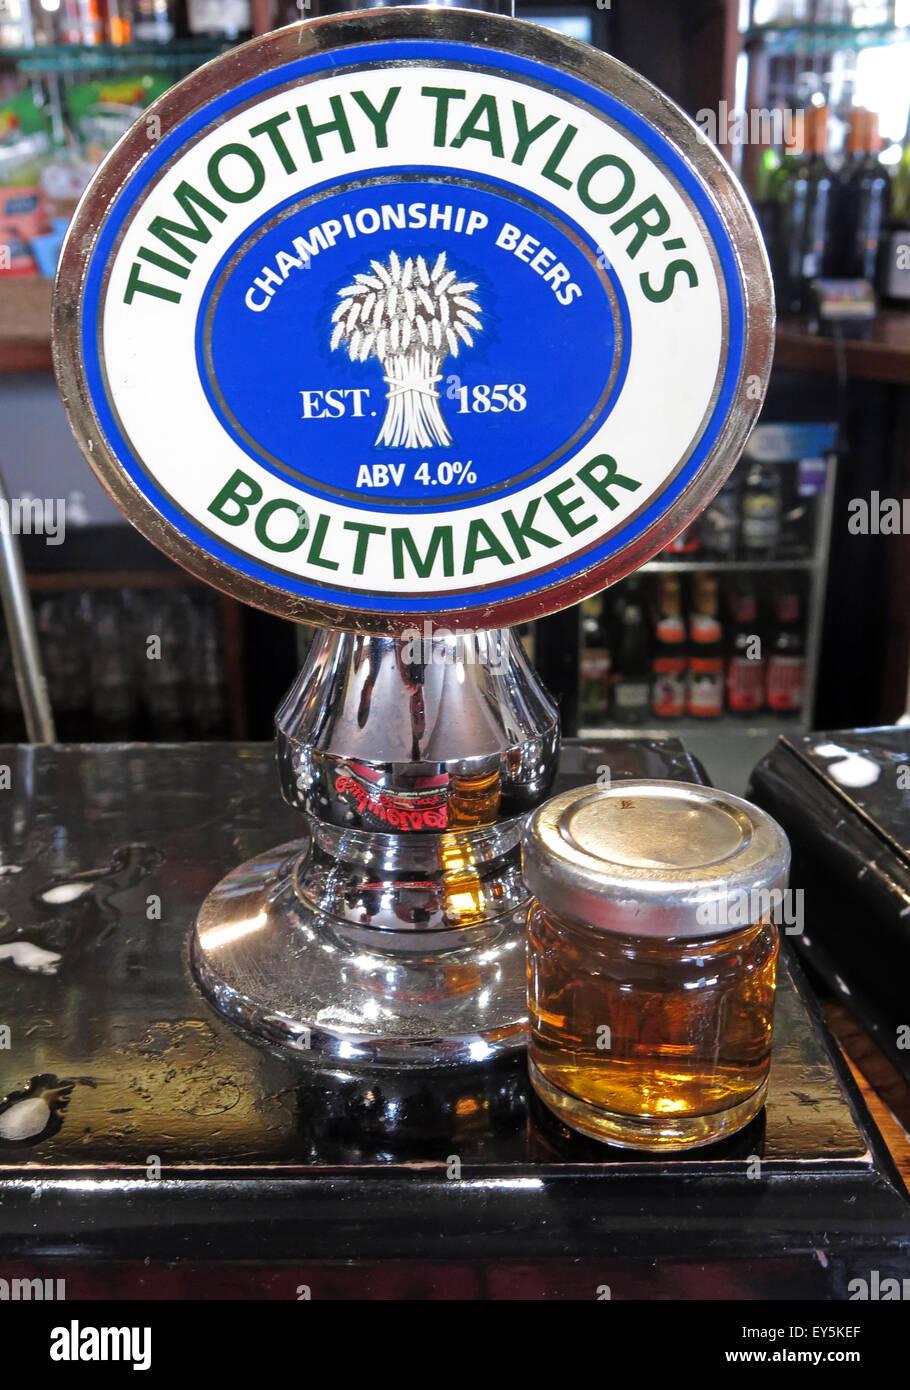 Laden Sie dieses Alamy Stockfoto Eine Pumpe und Probe von Timothy Taylor Boltmaker Bitter, in einer Bar, Yorkshire, England, UK - EY5KEF